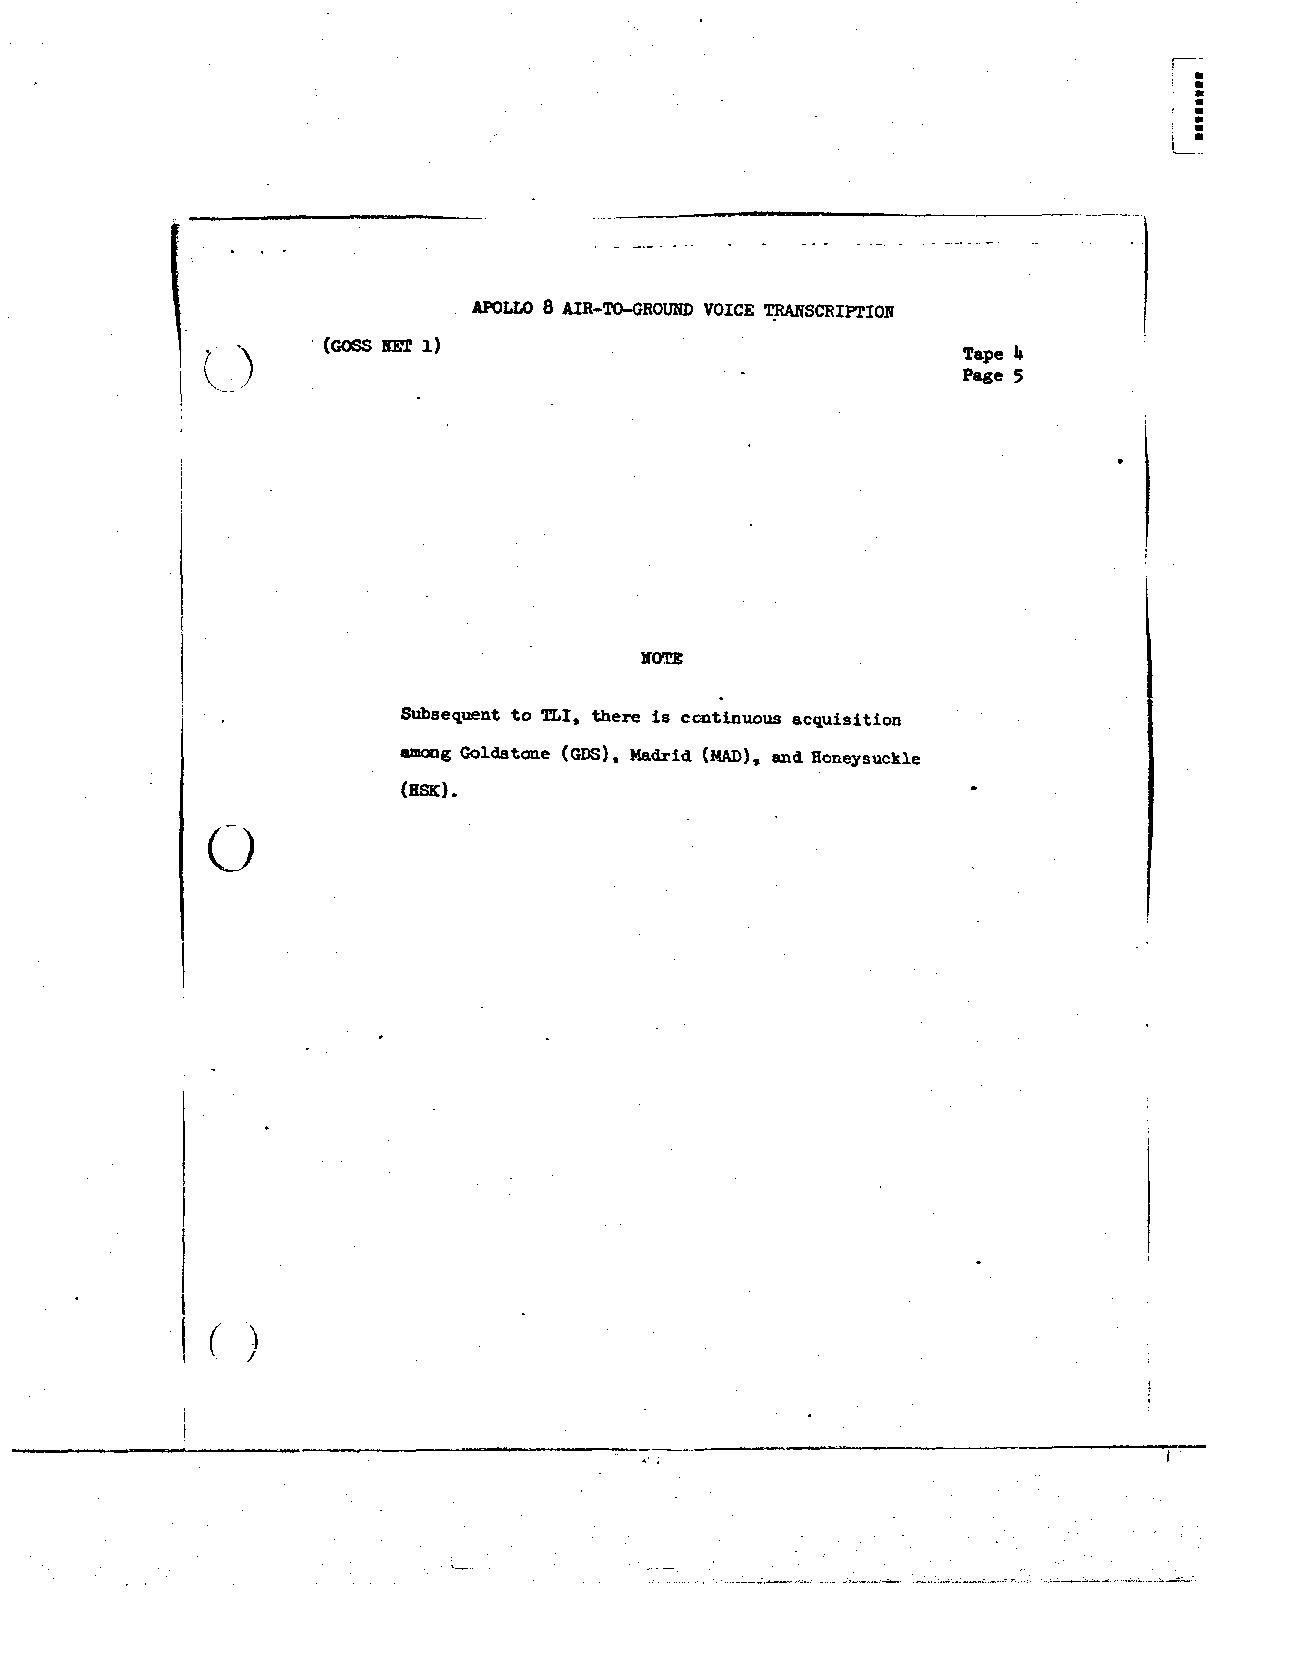 Page 26 of Apollo 8's original transcript